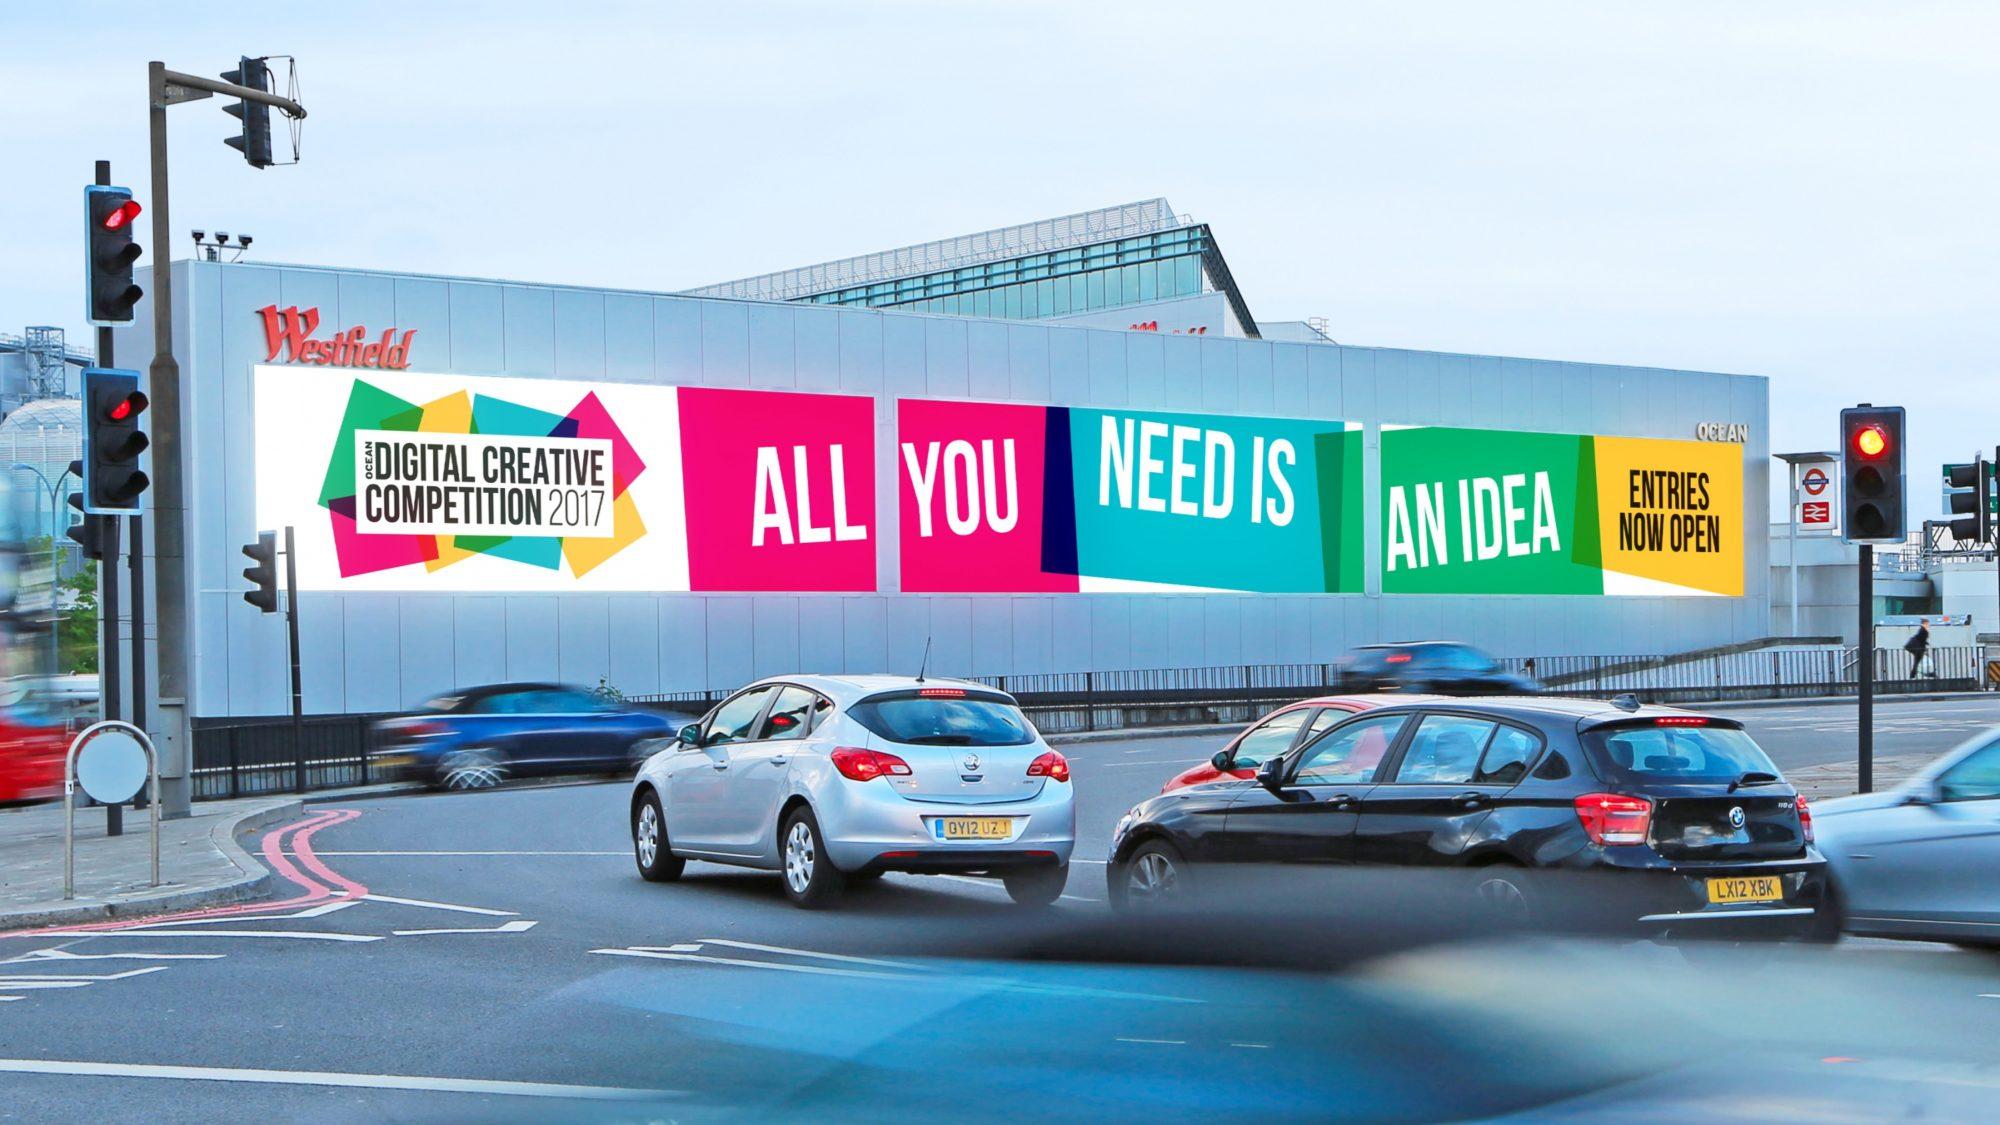 Seeking Bold Ideas for the 8th Annual Digital Creative